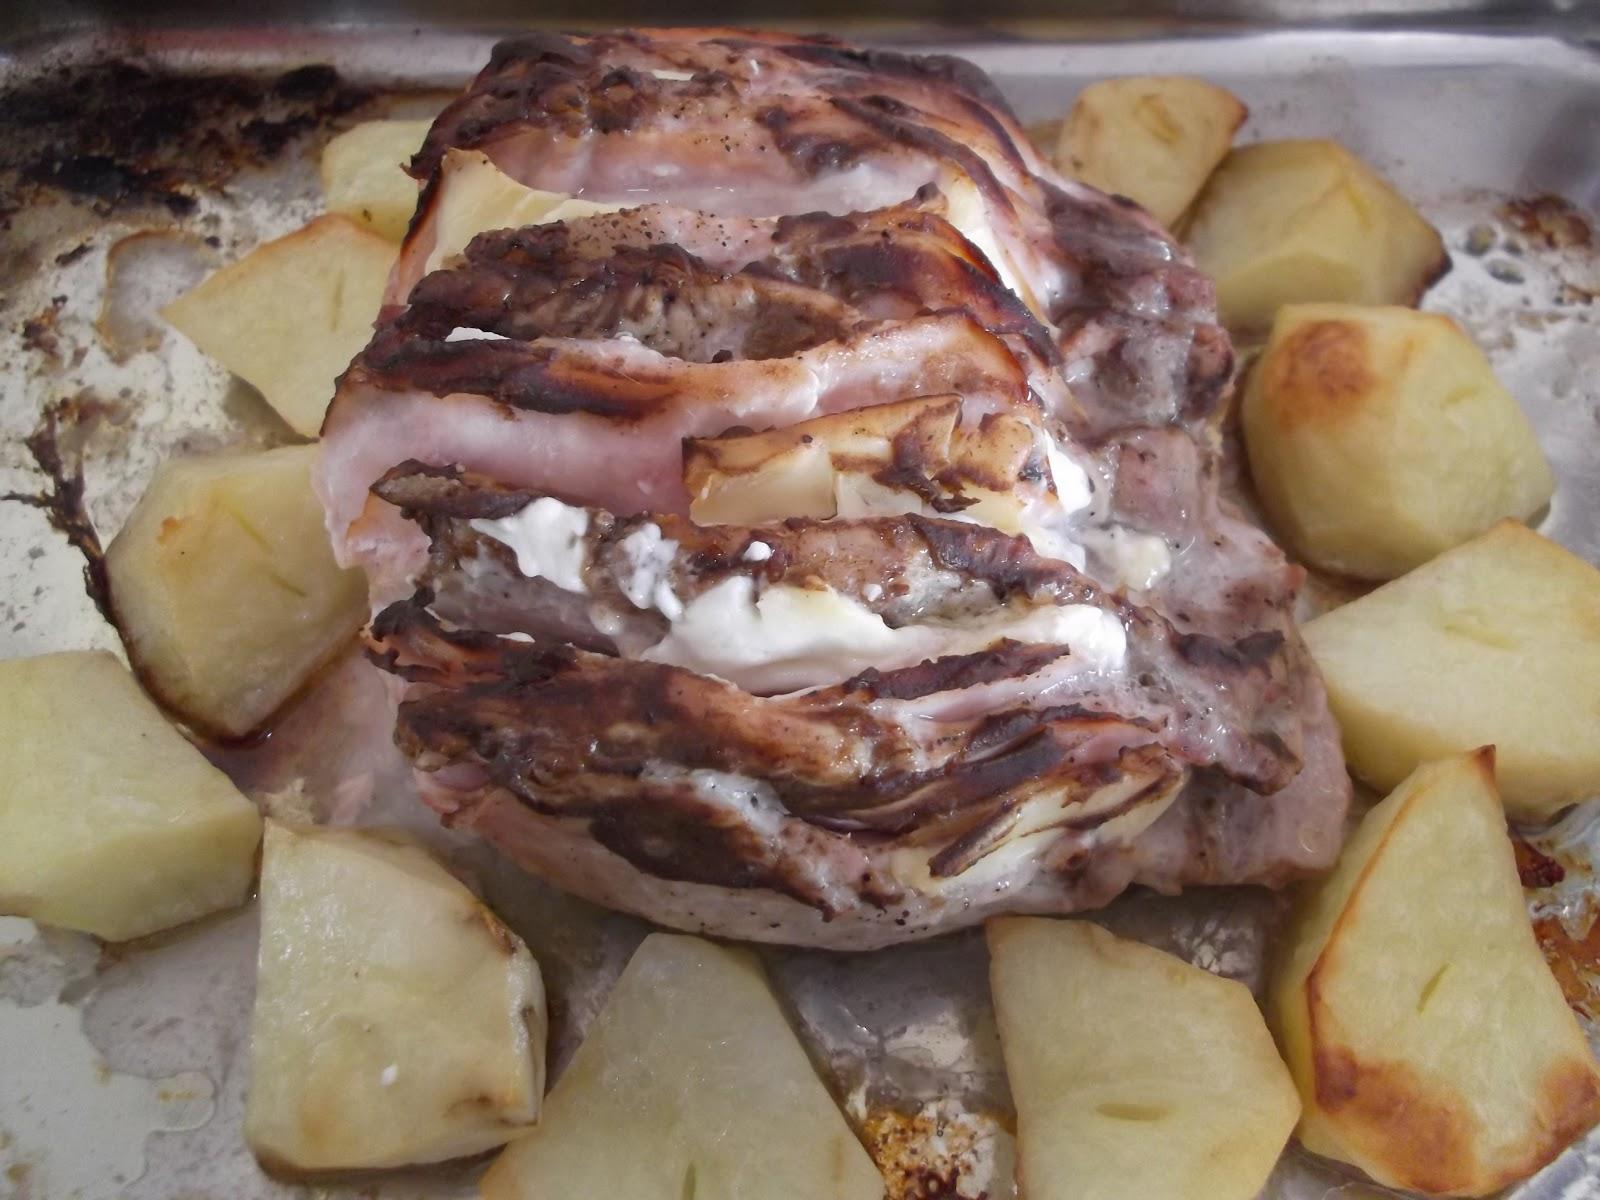 Platos y dulces lomo relleno al horno for Platos dulces